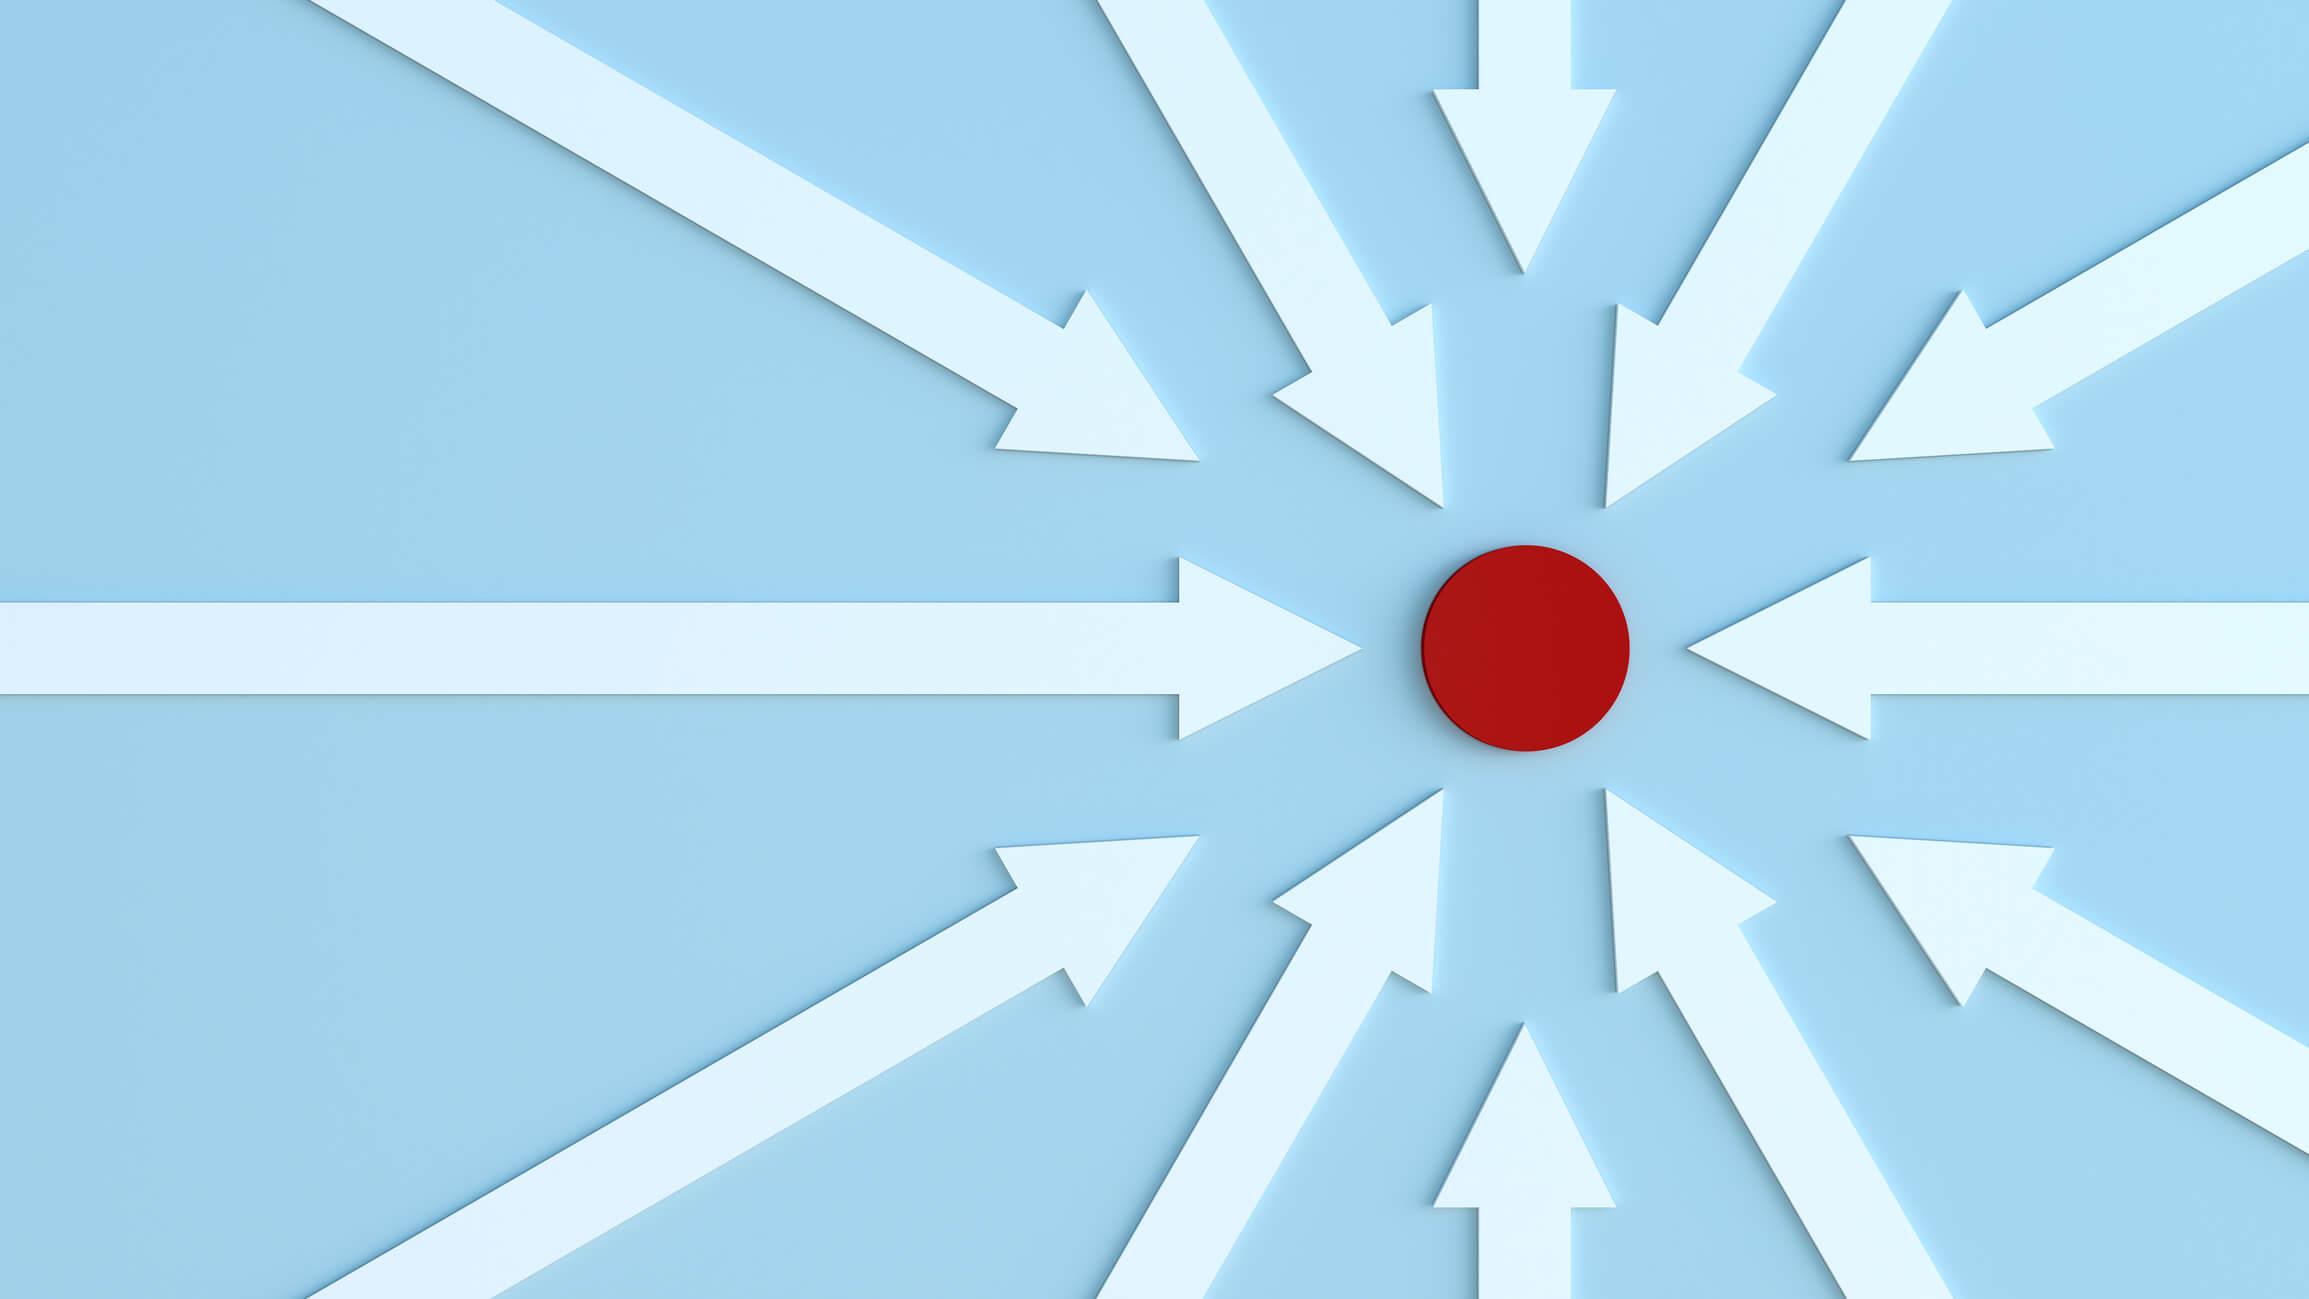 Pfeile-zielen-auf-roten-Punkt